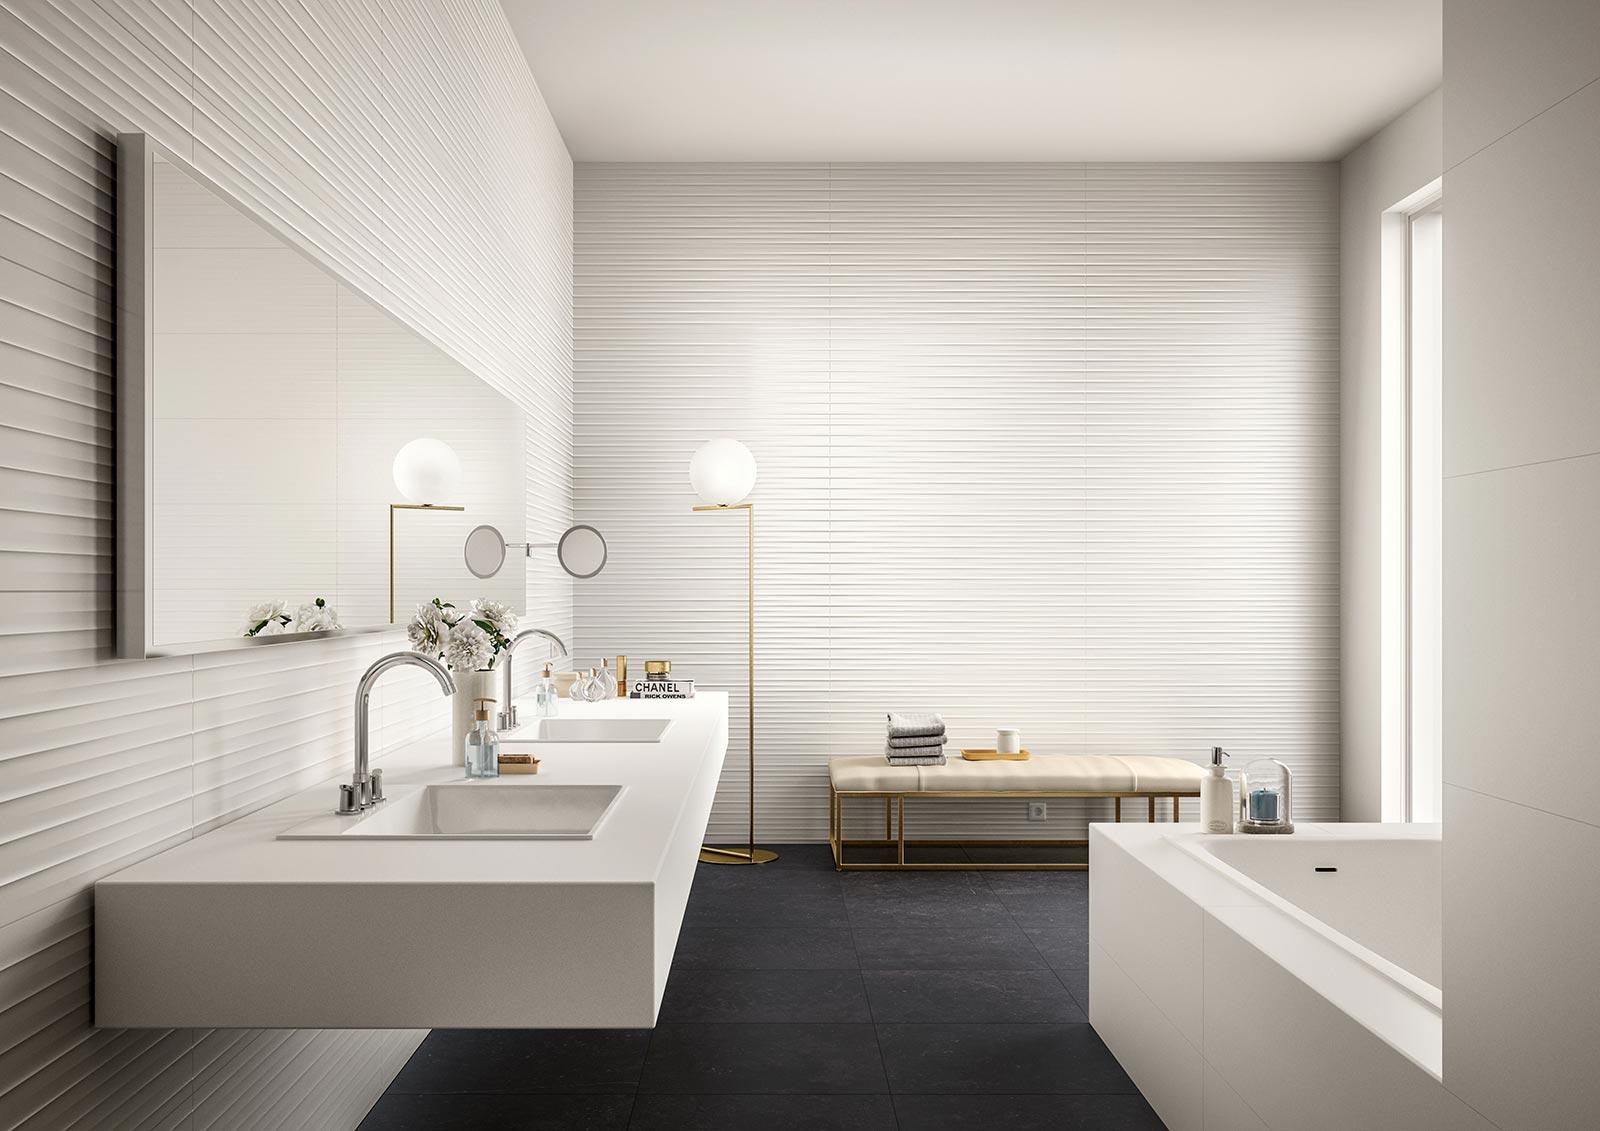 essenziale - weiße keramik mit 3d-relief für das bad | marazzi, Badezimmer ideen